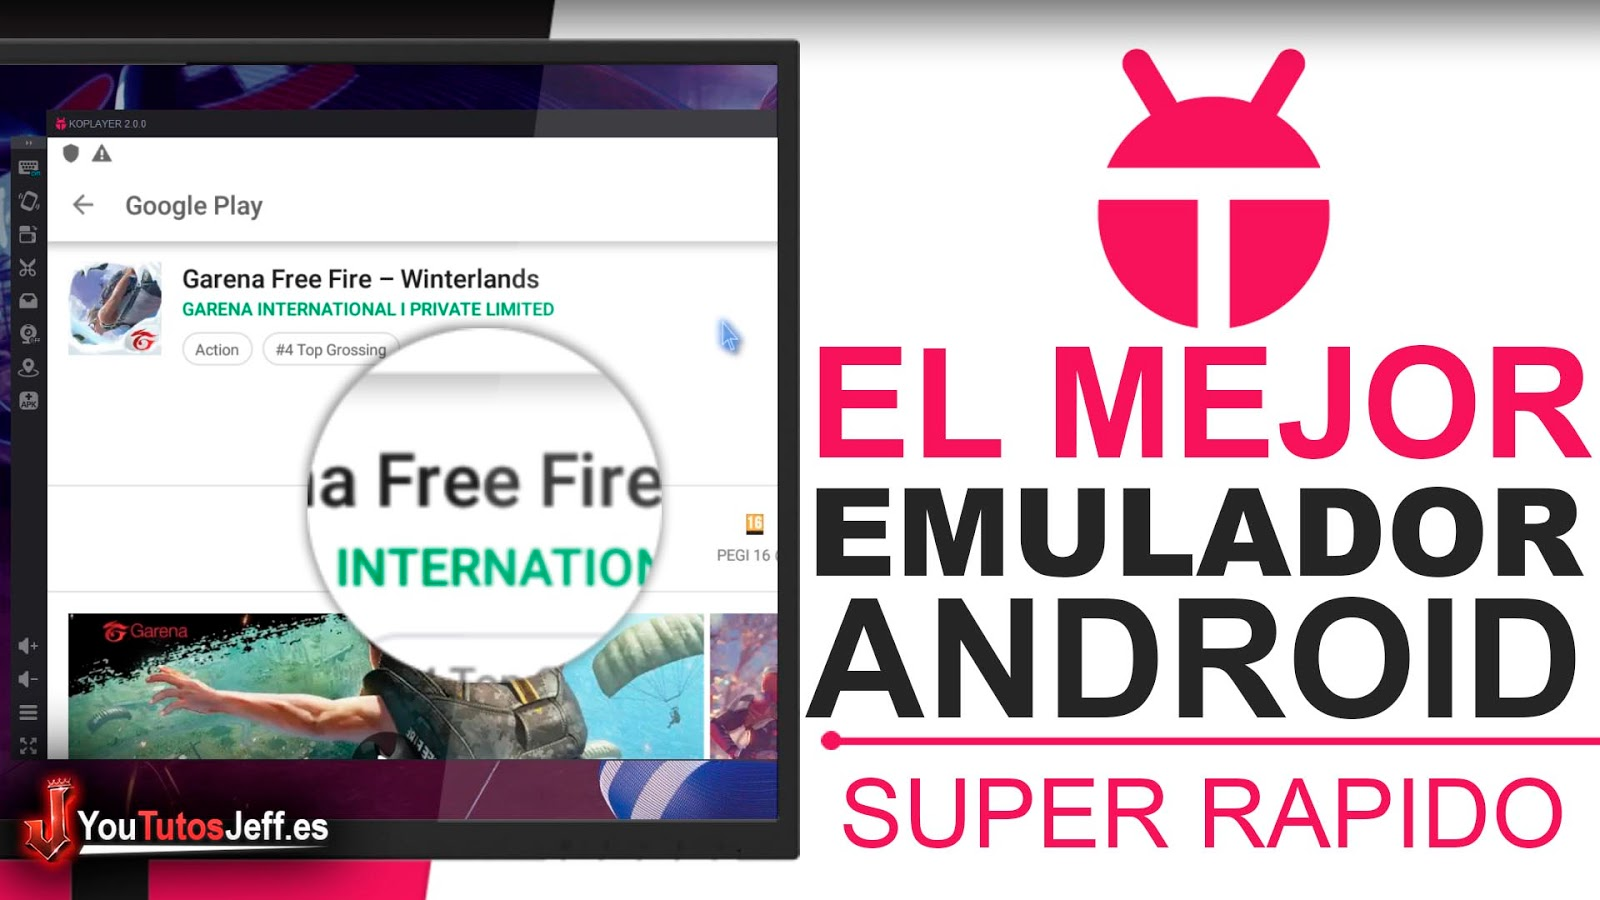 El Mejor Emulador Android para Jugar - Descargar KOPlayer Ultima Versión